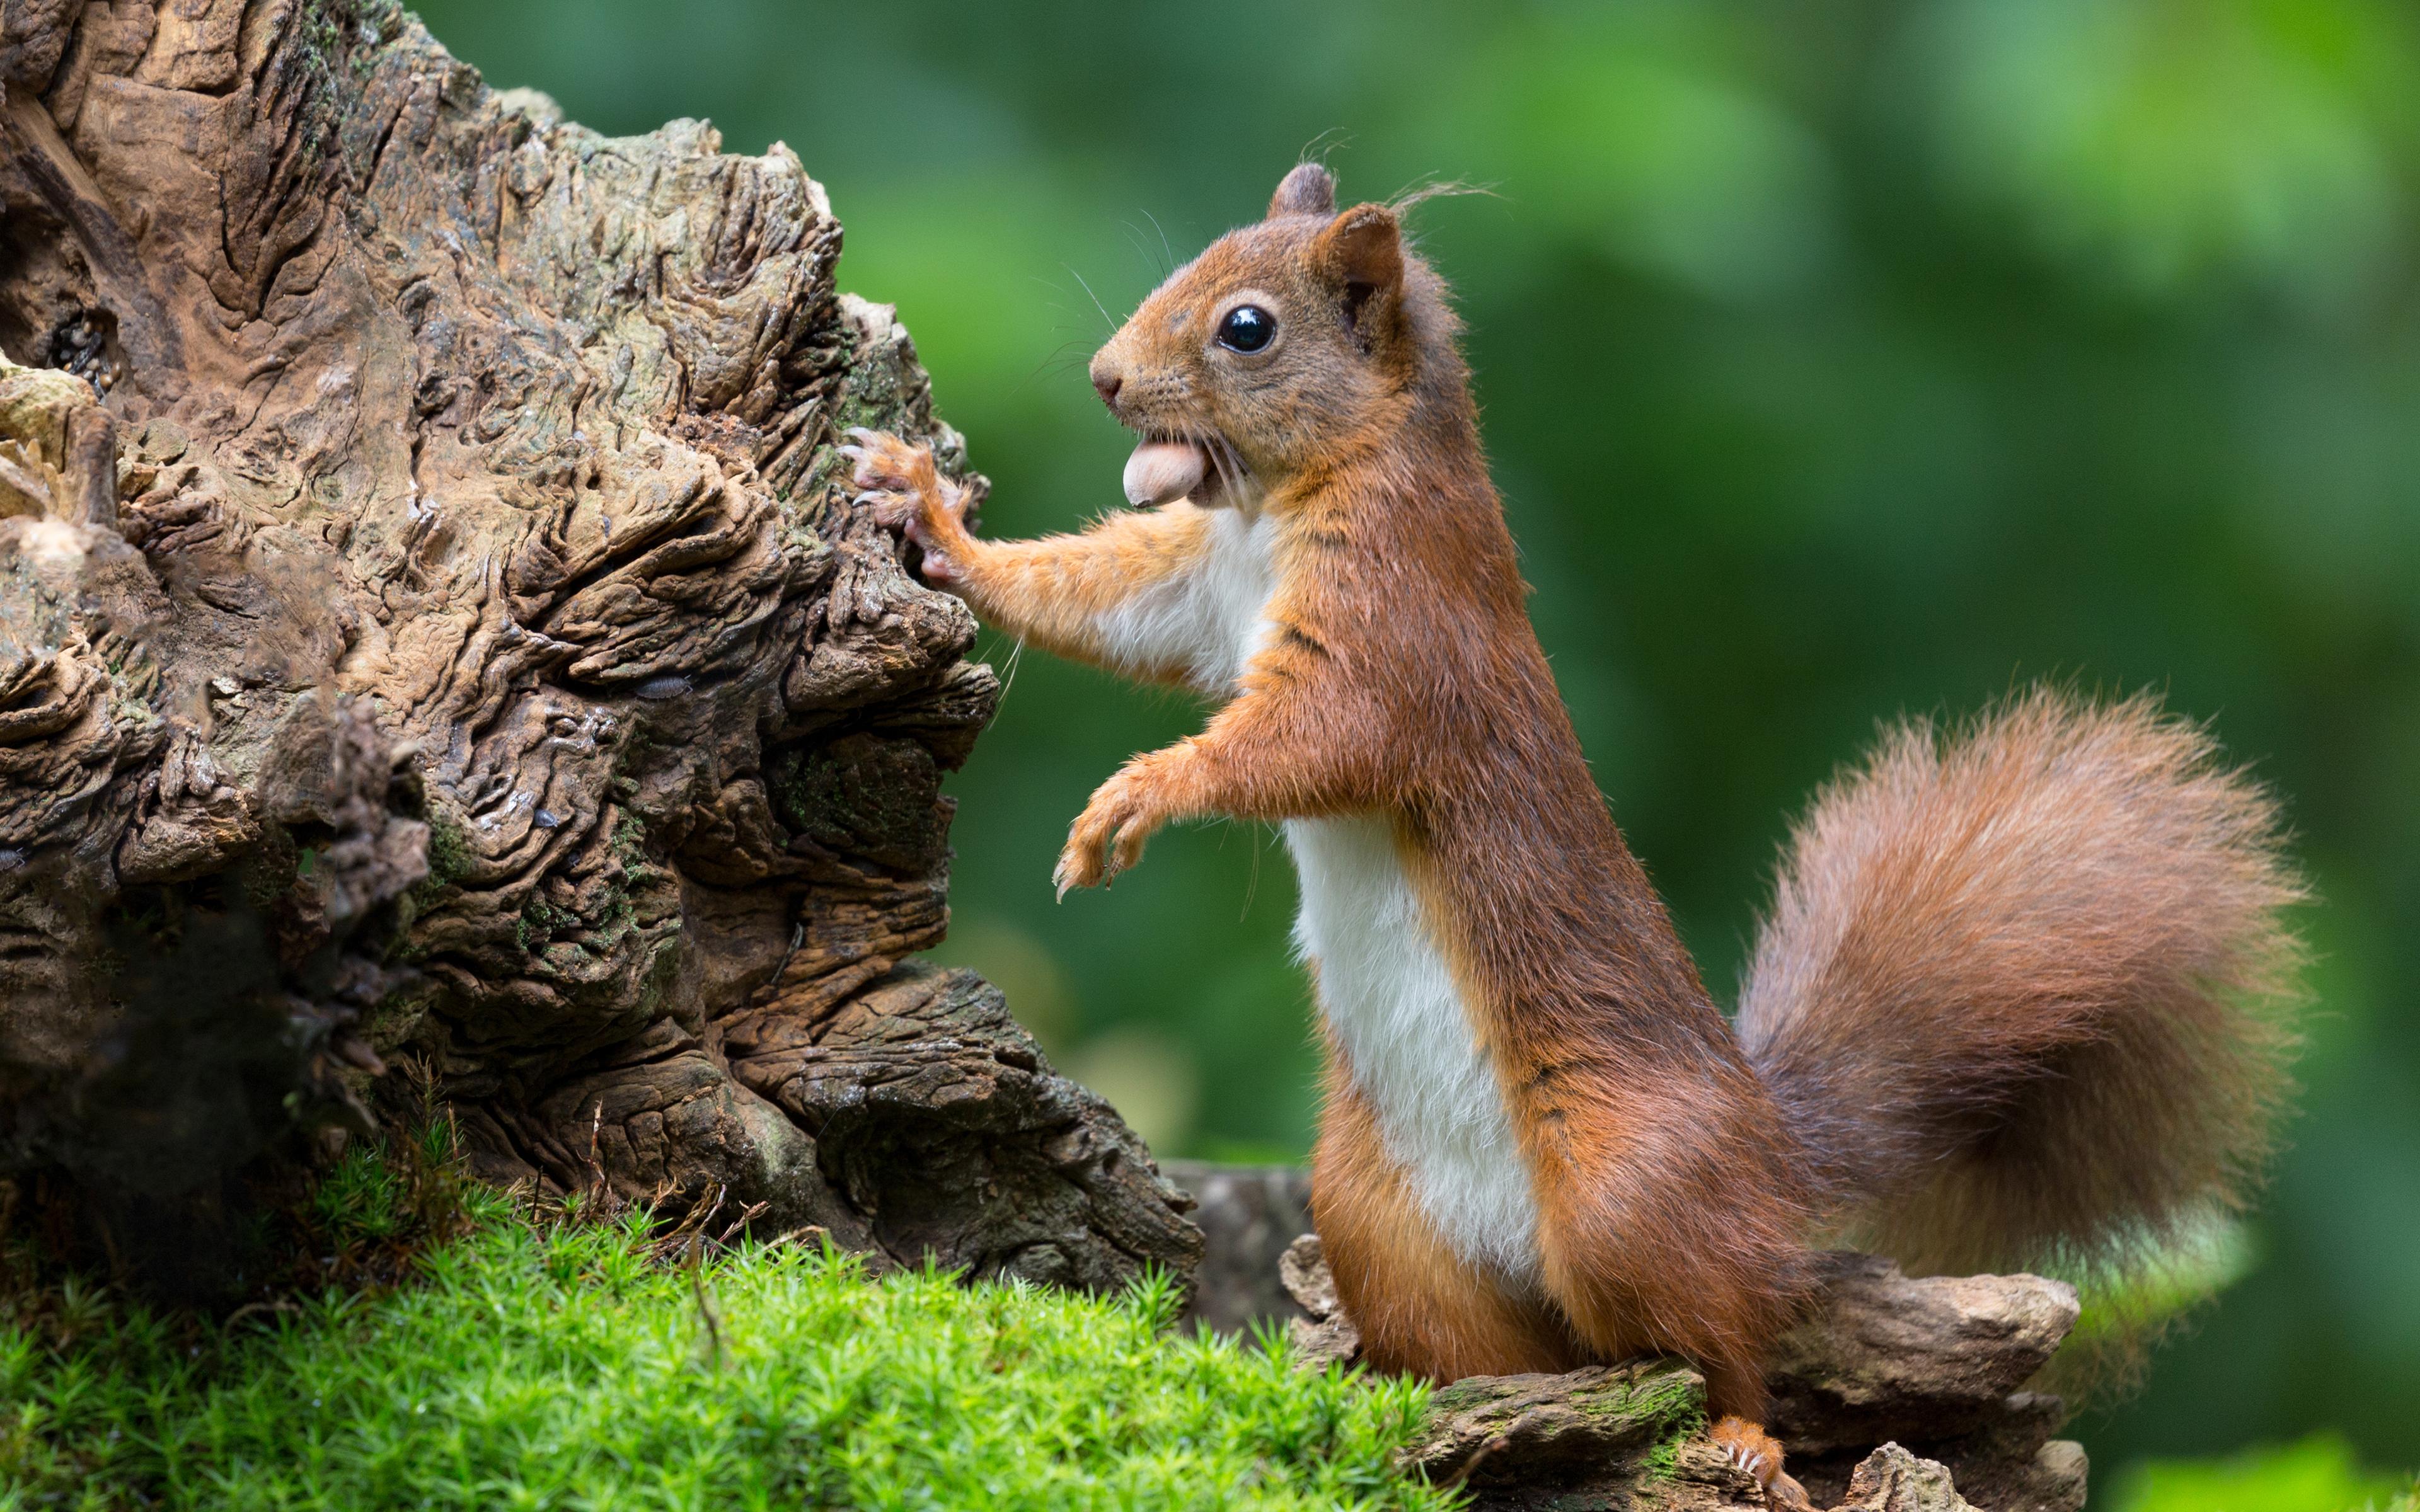 Картинки природы с животными красивые и смешные